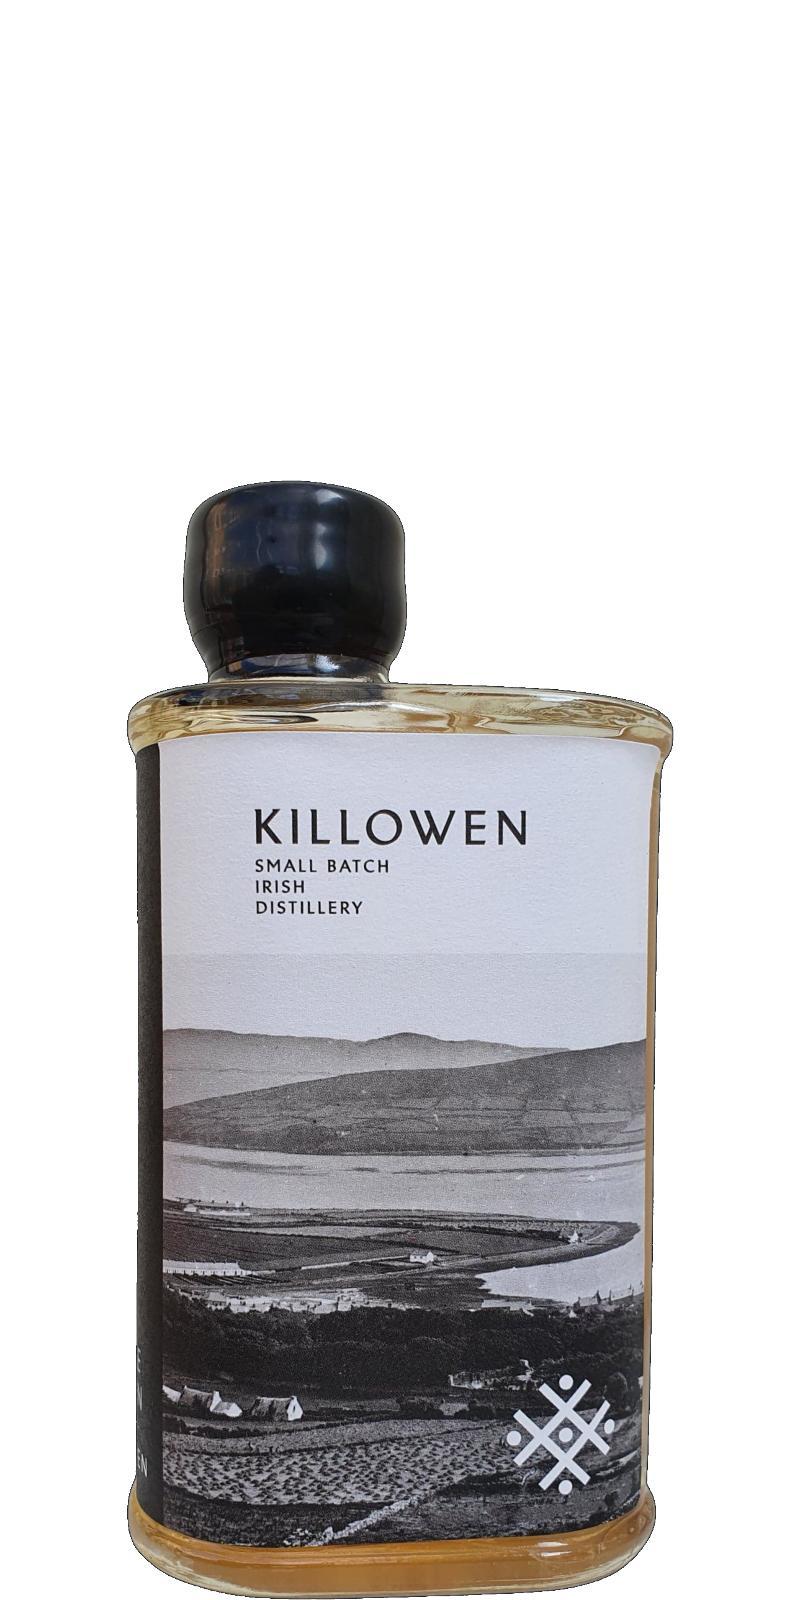 Killowen Lutty